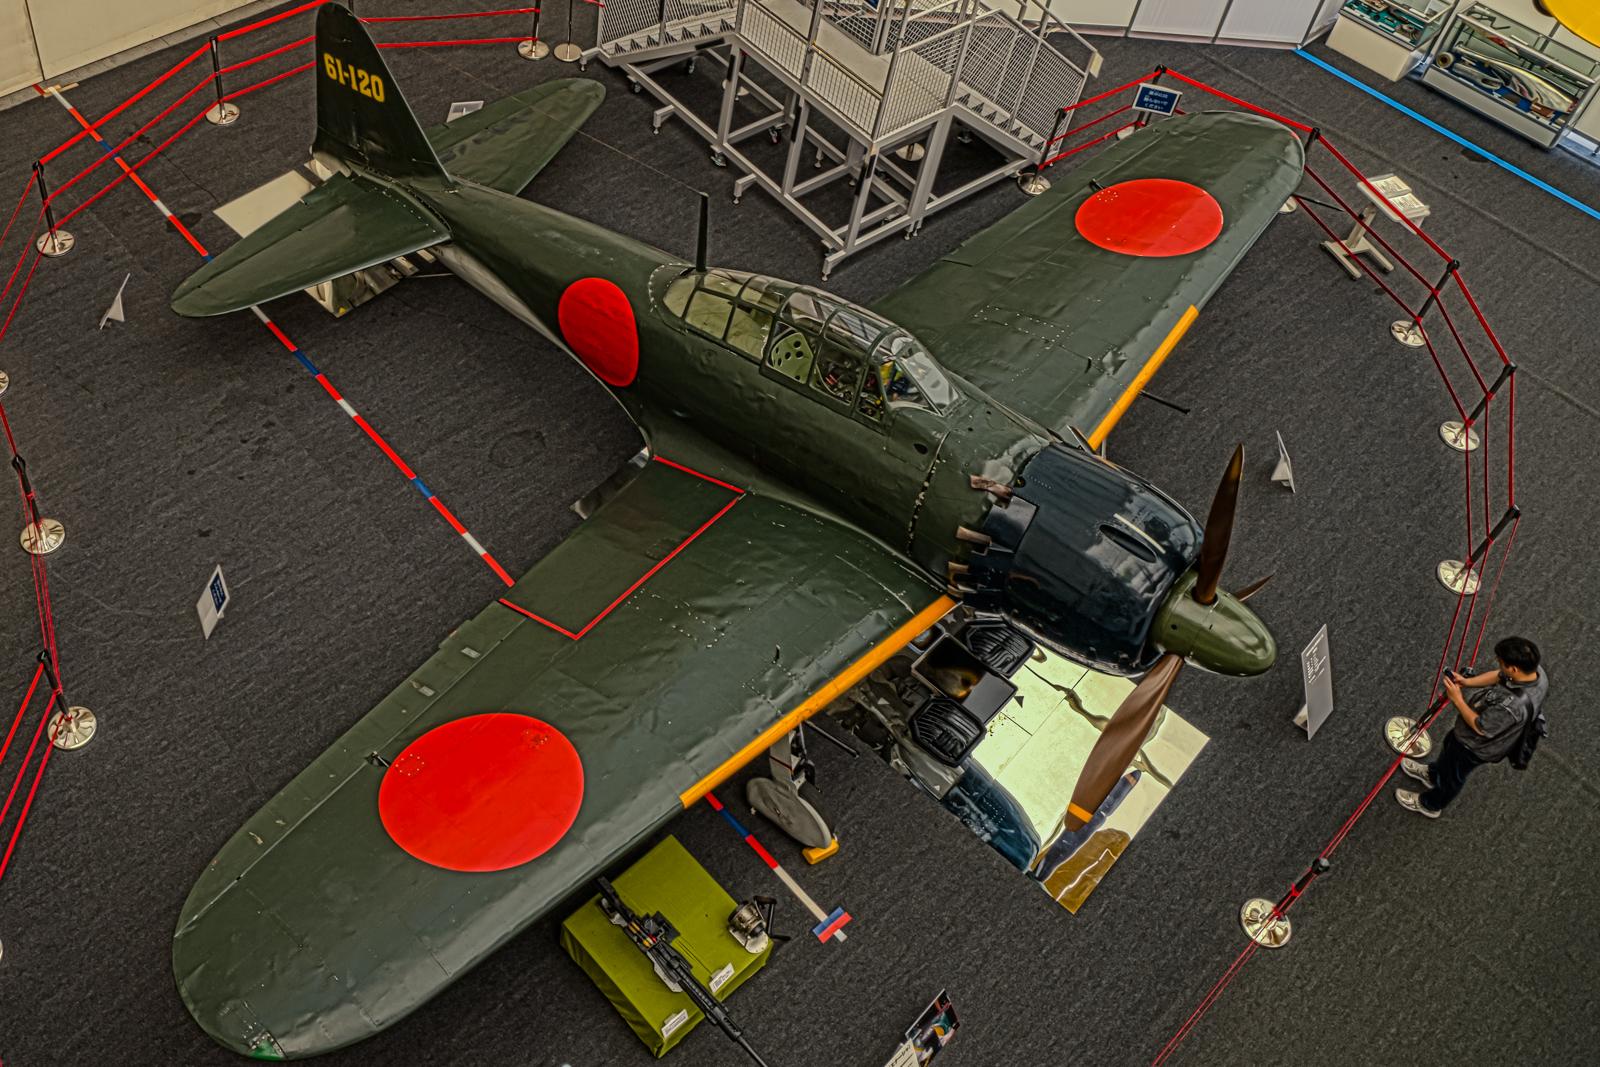 上から見下ろした零式艦上戦闘機の写真 HDR